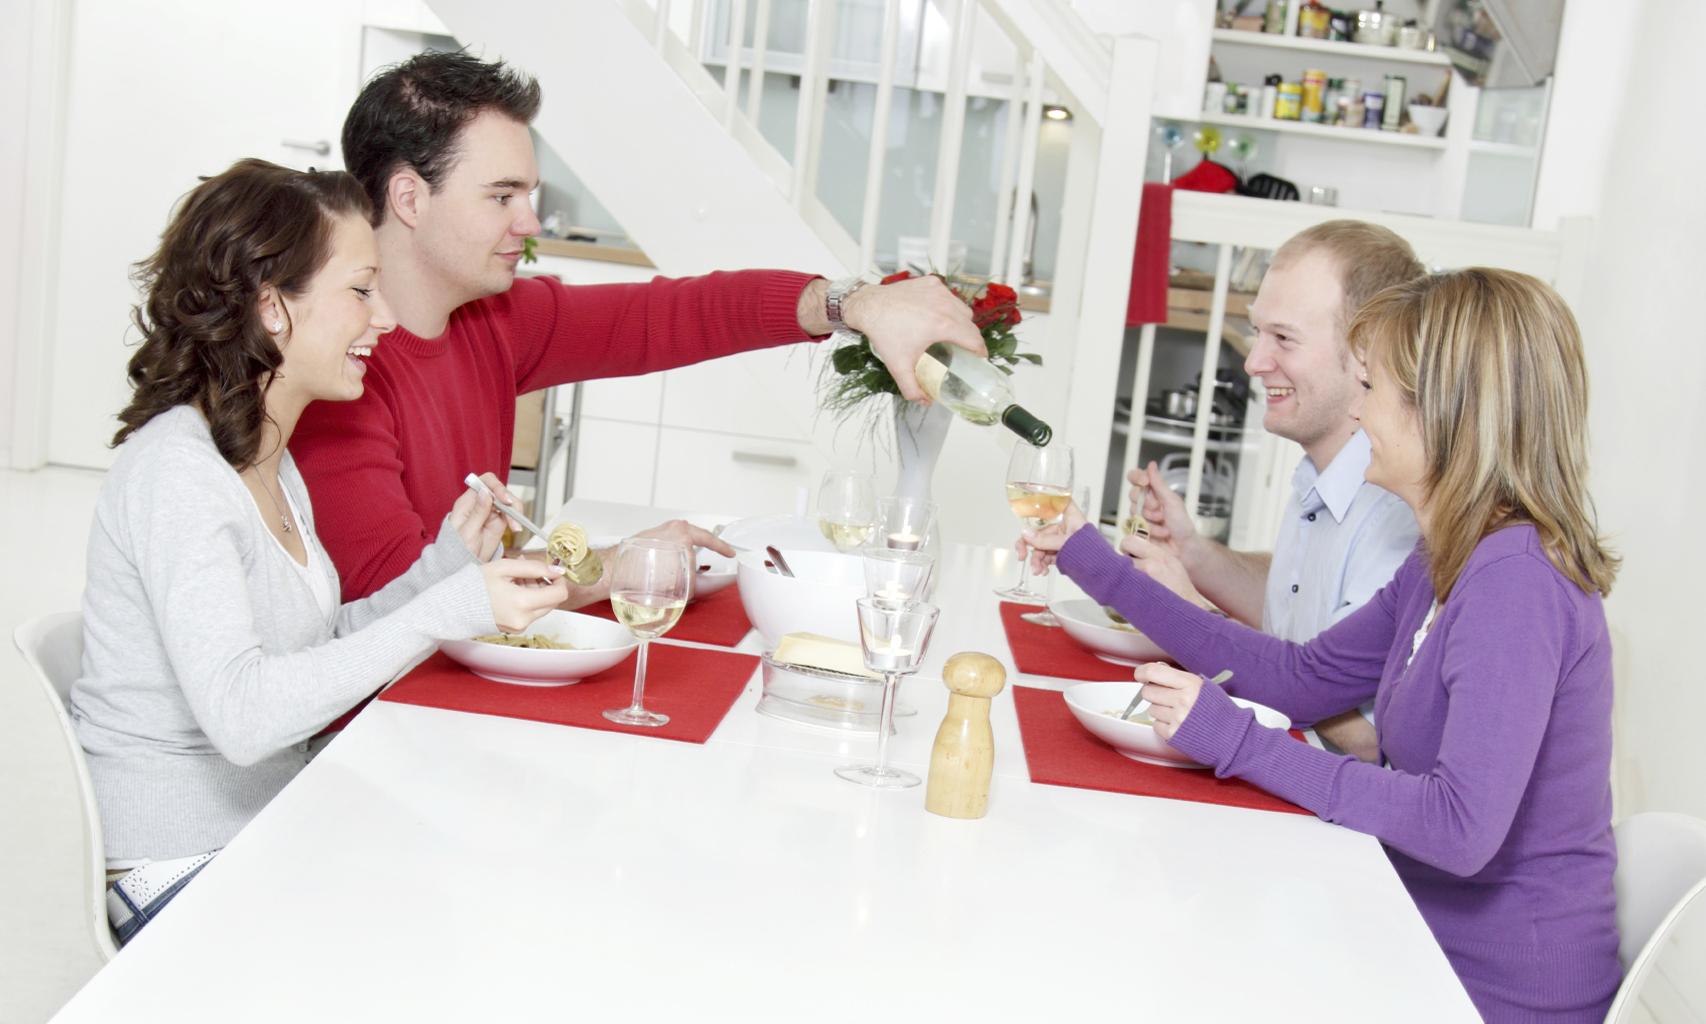 Geschichte des Abendmahls - Gemeinesames Essen als Gottesdienst - Kurzfassung